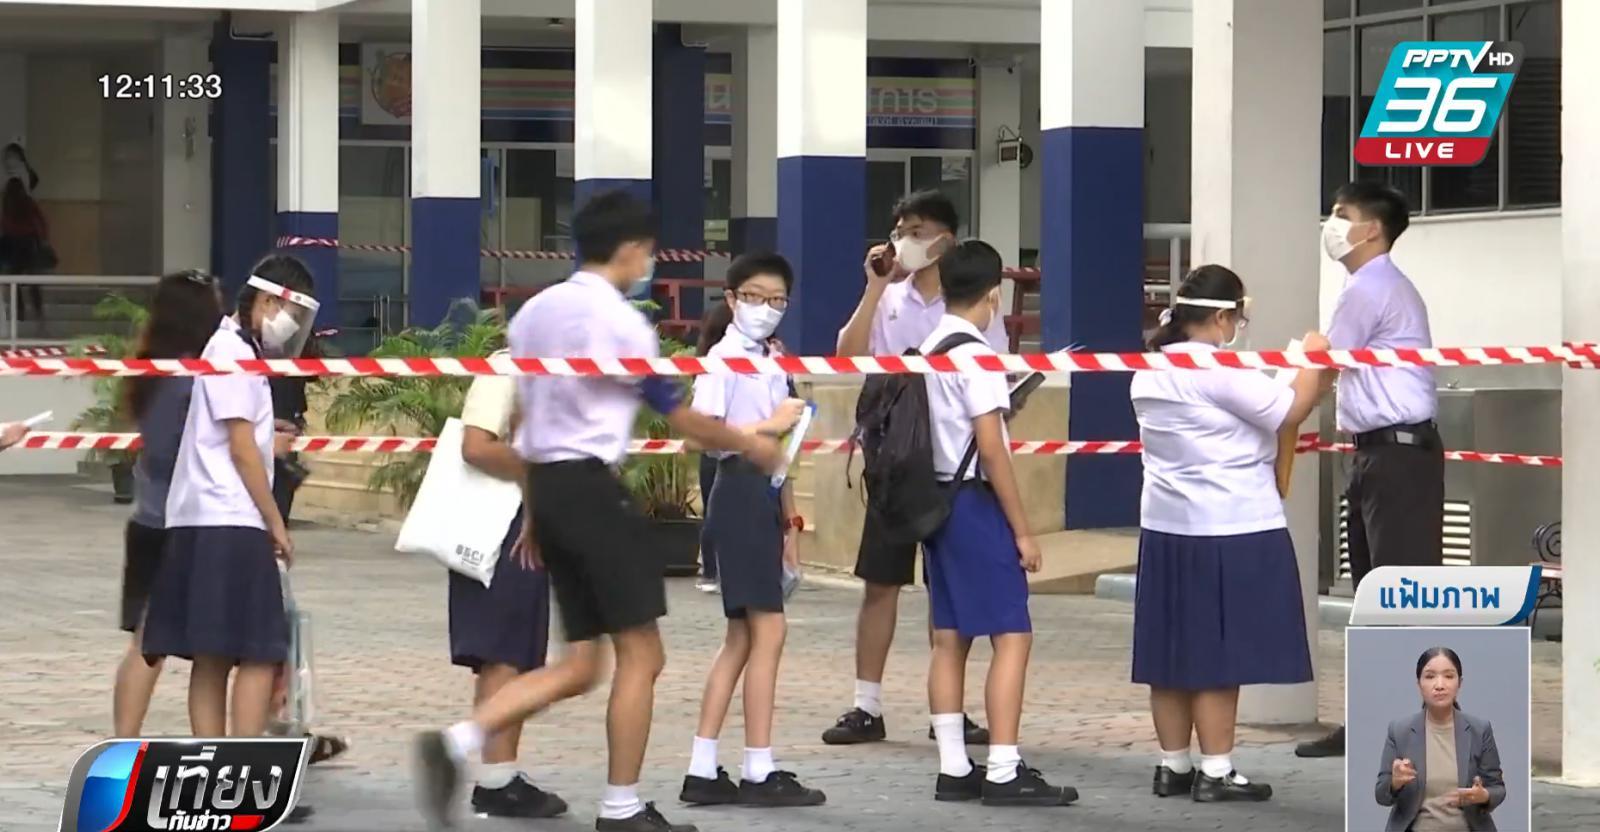 ศธ.เตรียมประกาศเกณฑ์การสอบใหม่ ช่วยเด็กยุค โควิด-19